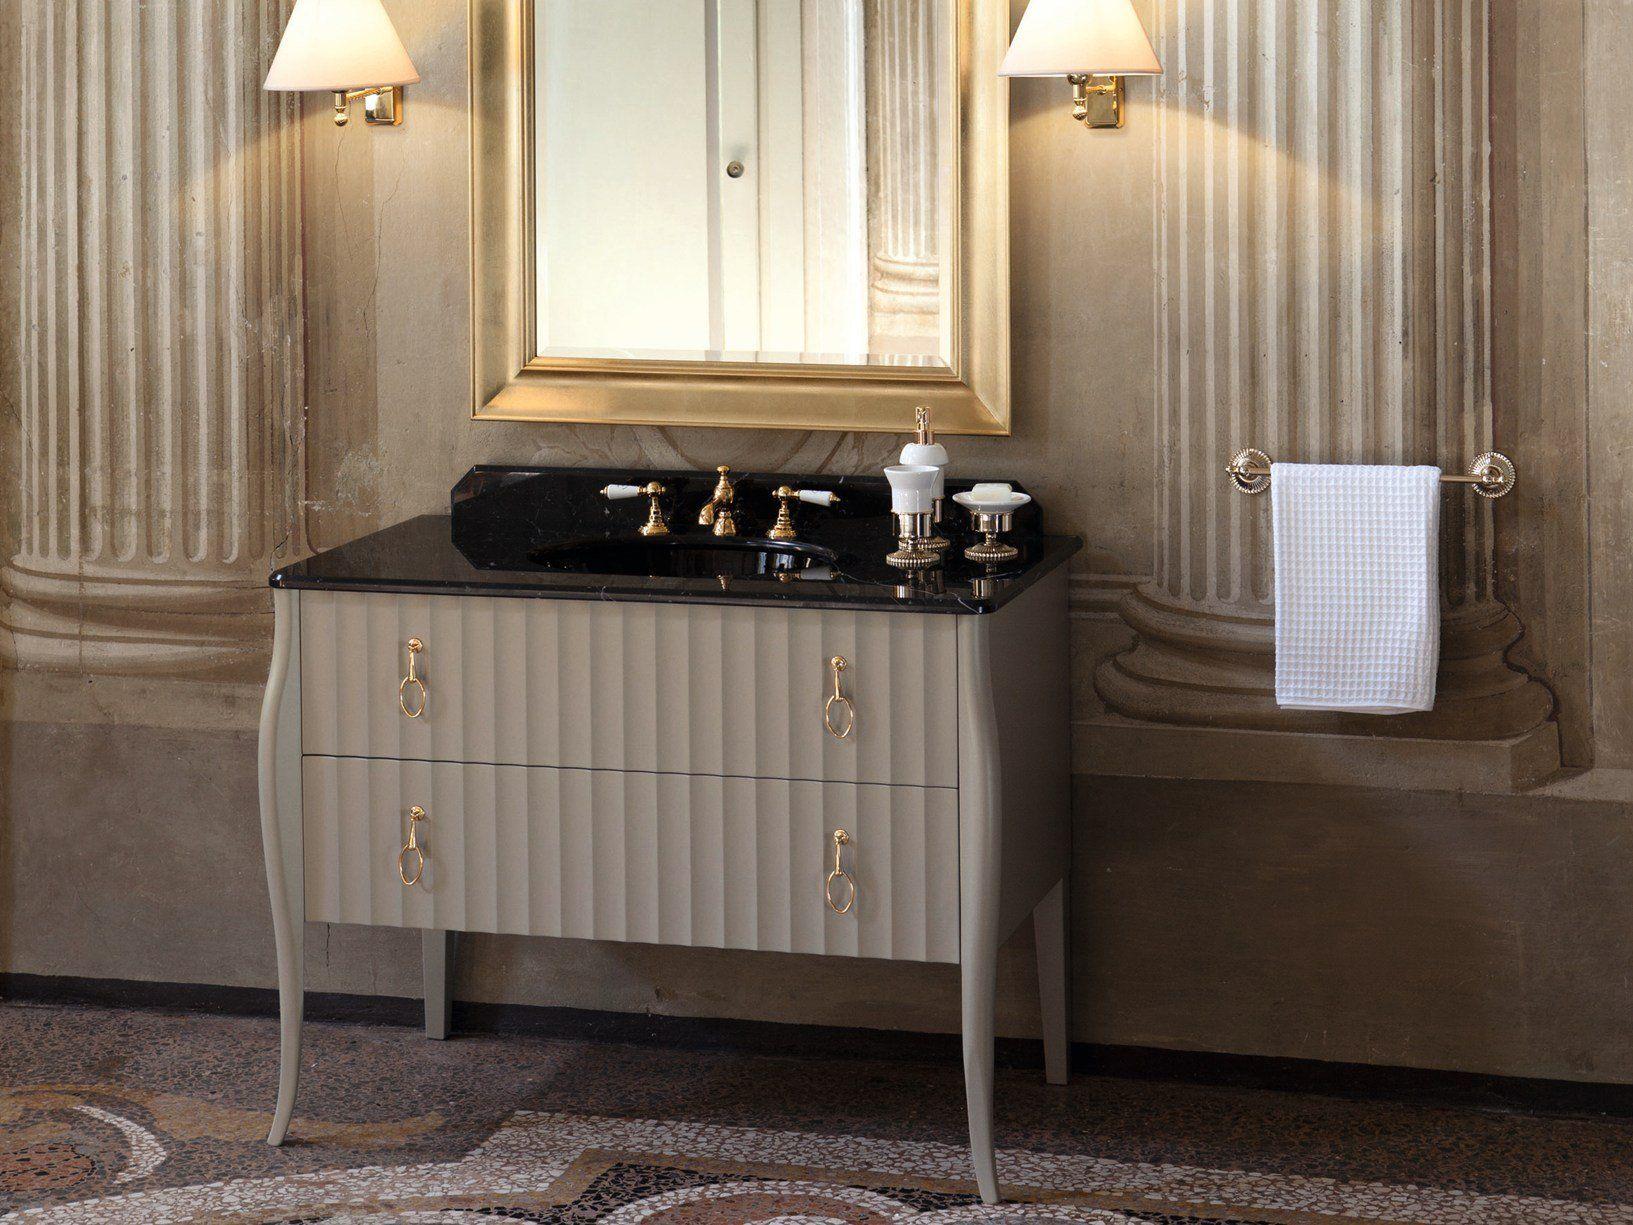 Gentry home presenta i mobili da bagno charlotte - Mobili bagno classici mondo convenienza ...